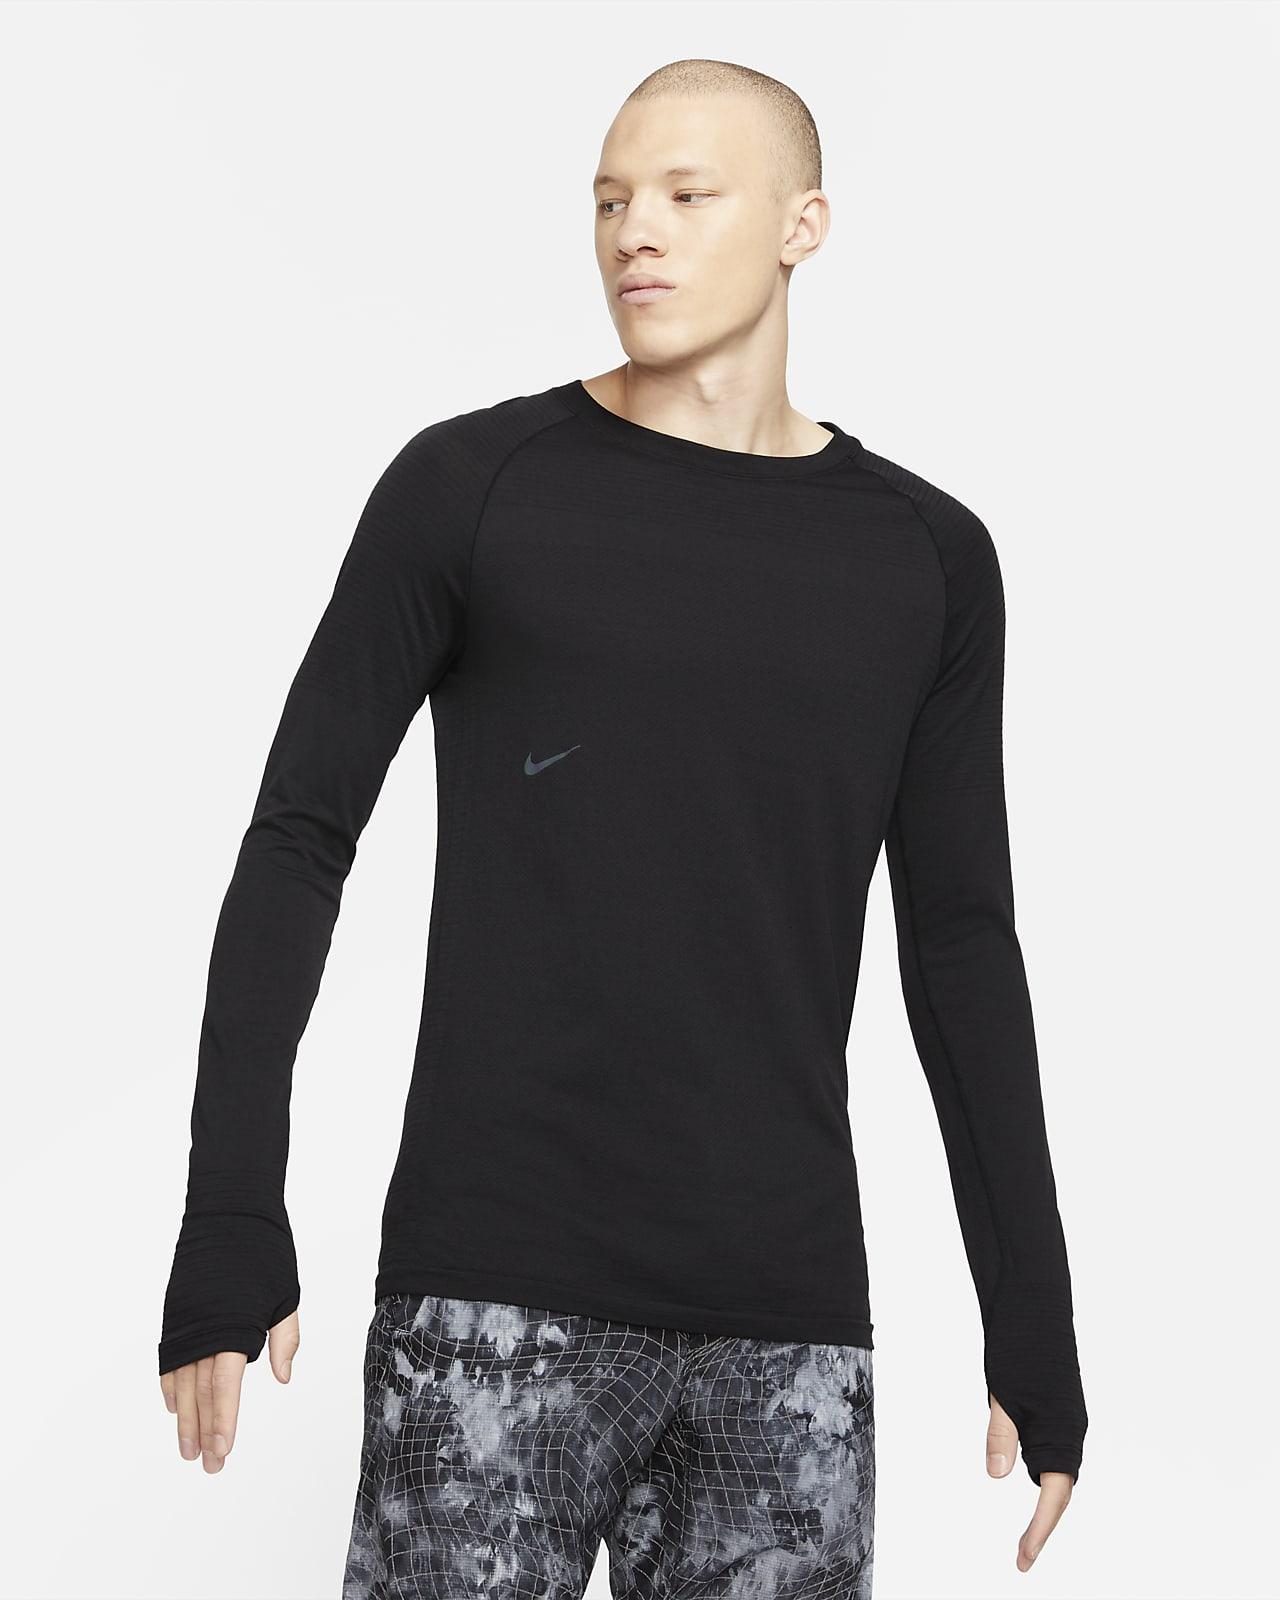 Haut en laine à manches longues Nike NSRL pour Homme